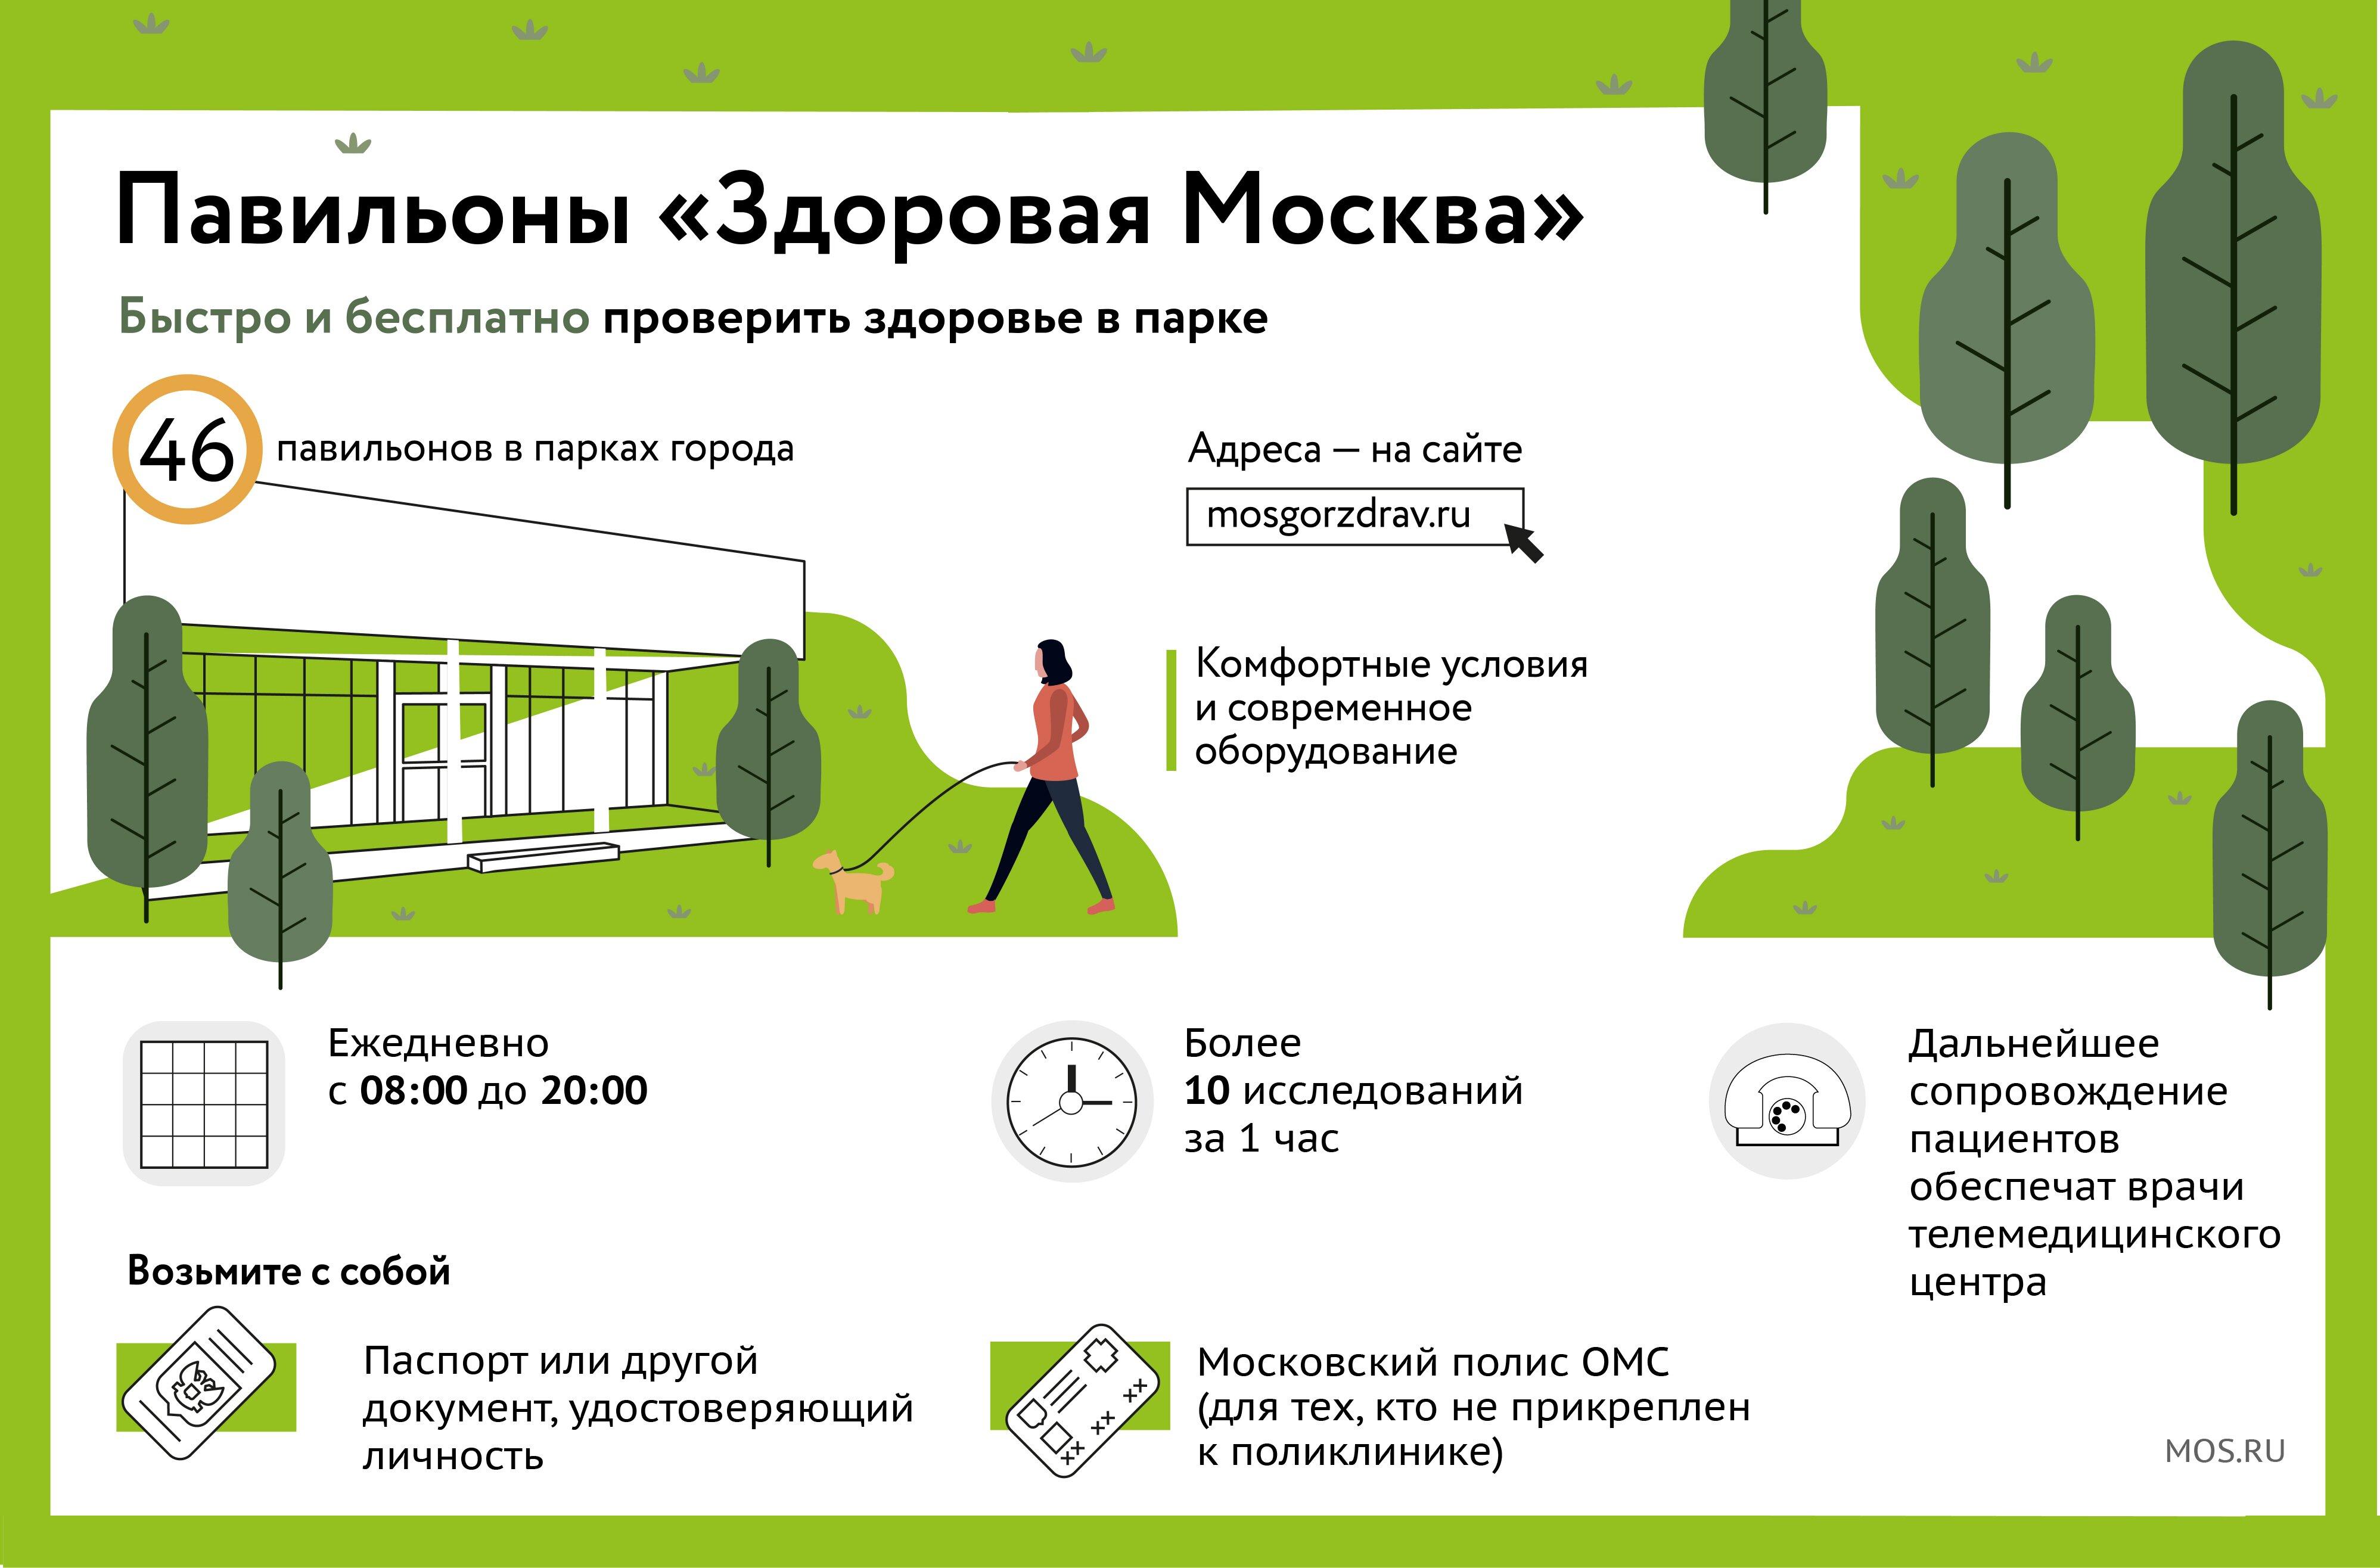 Сергей Собянин пригласил жителей города проверить здоровье в павильонах «Здоровая Москва»